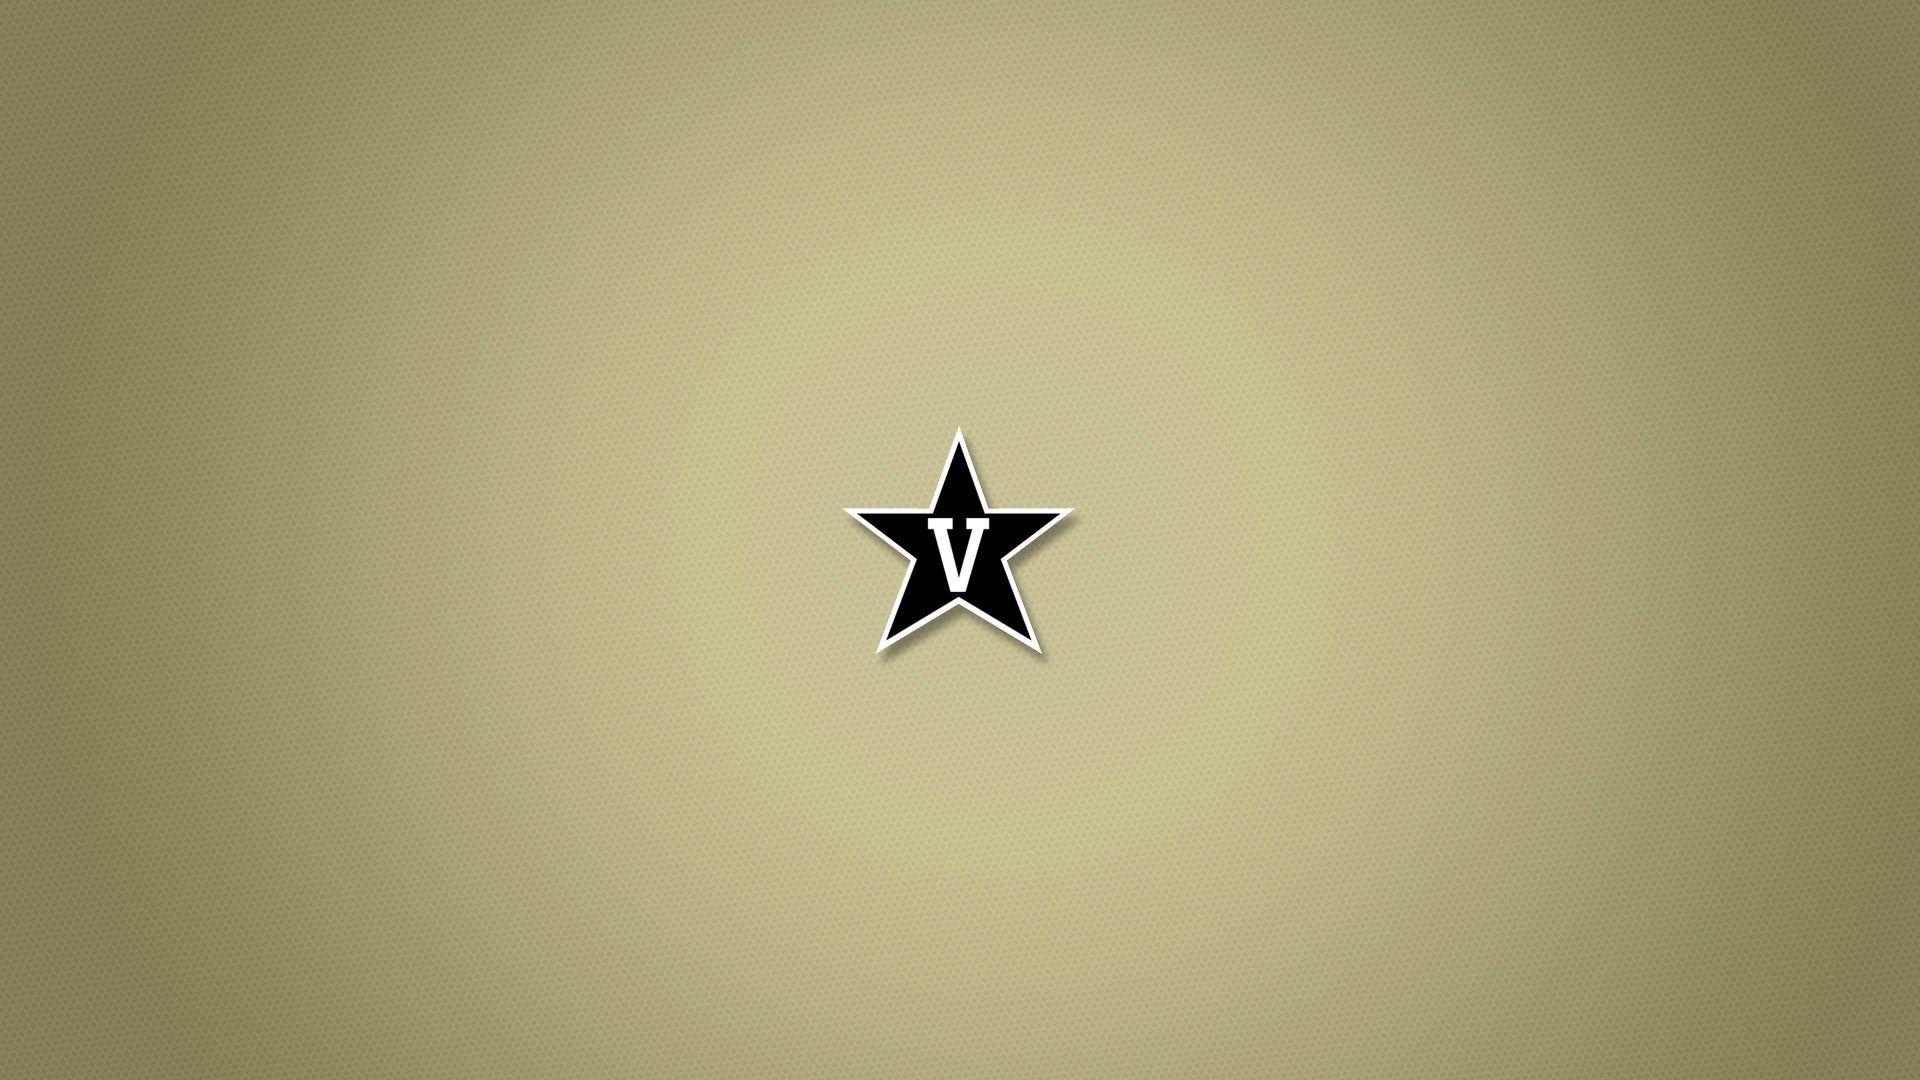 Vanderbilt baseball wallpaper